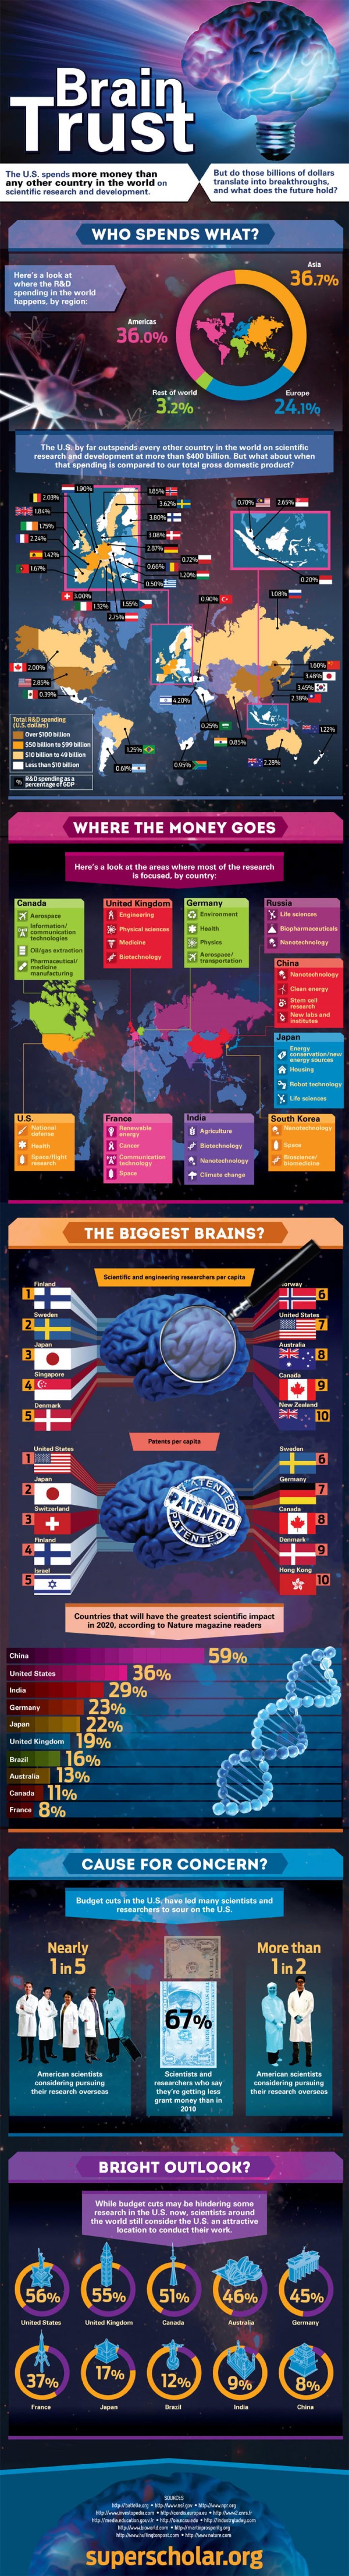 15. Brain Trust